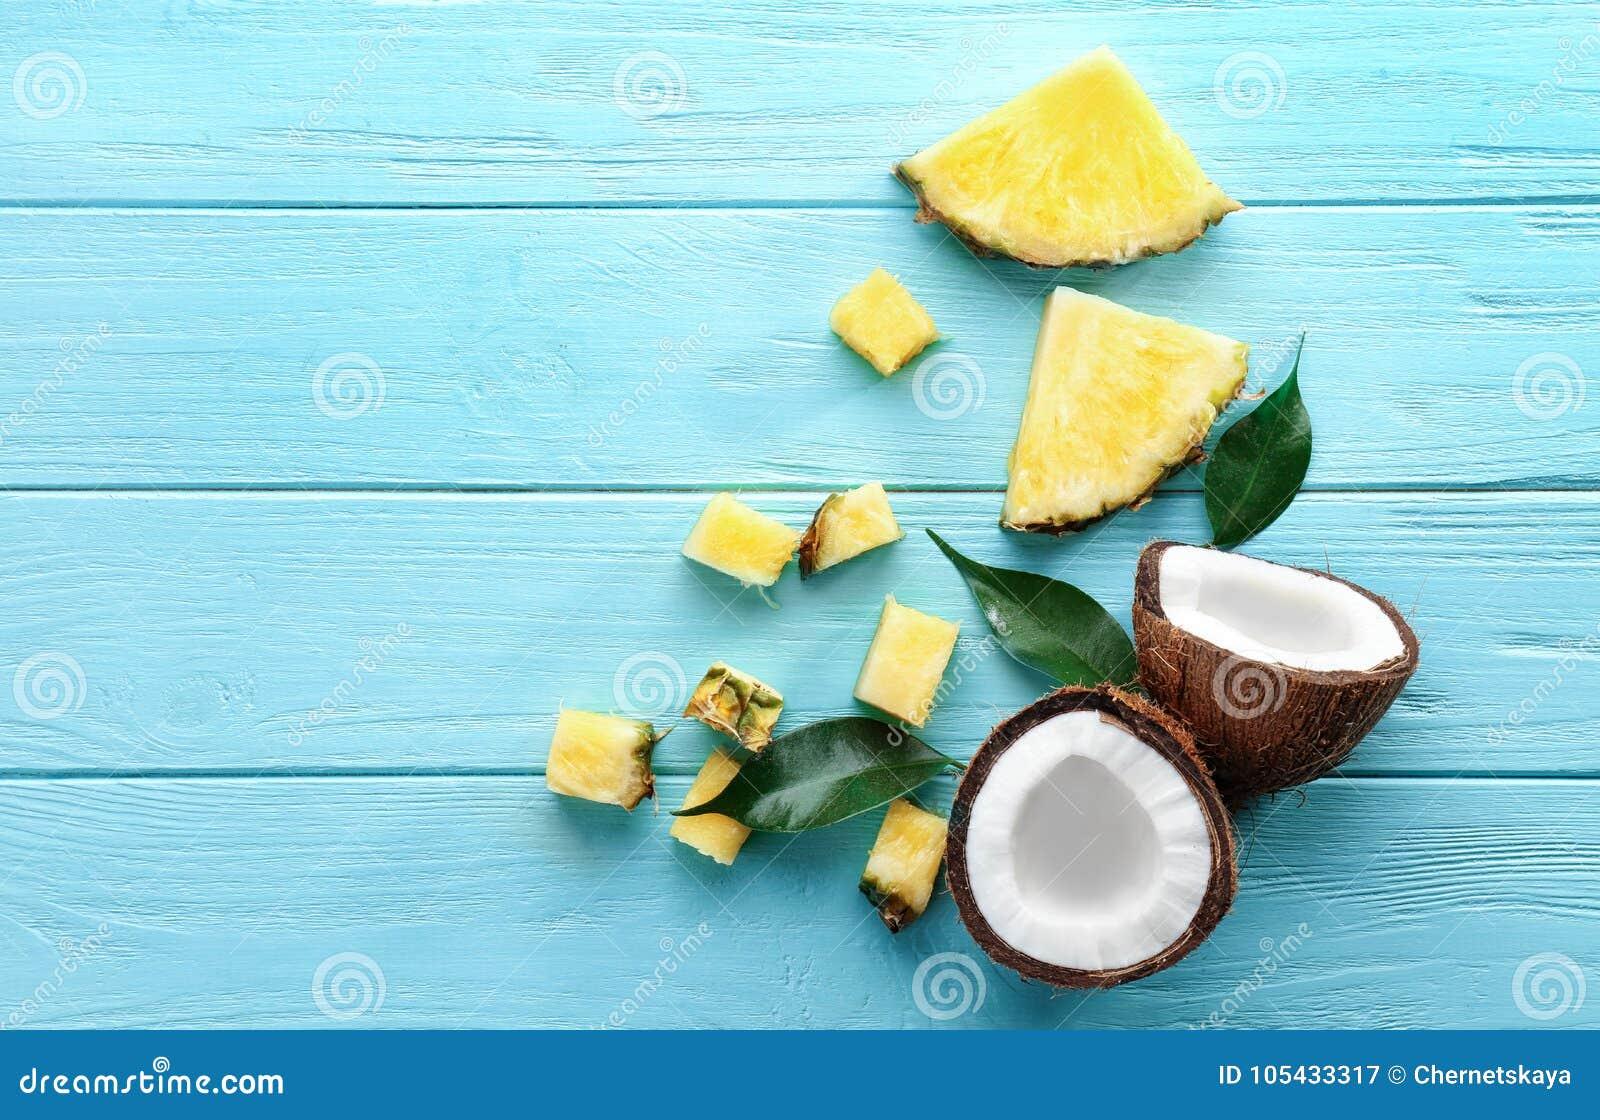 新鲜的菠萝切片和椰子的构成